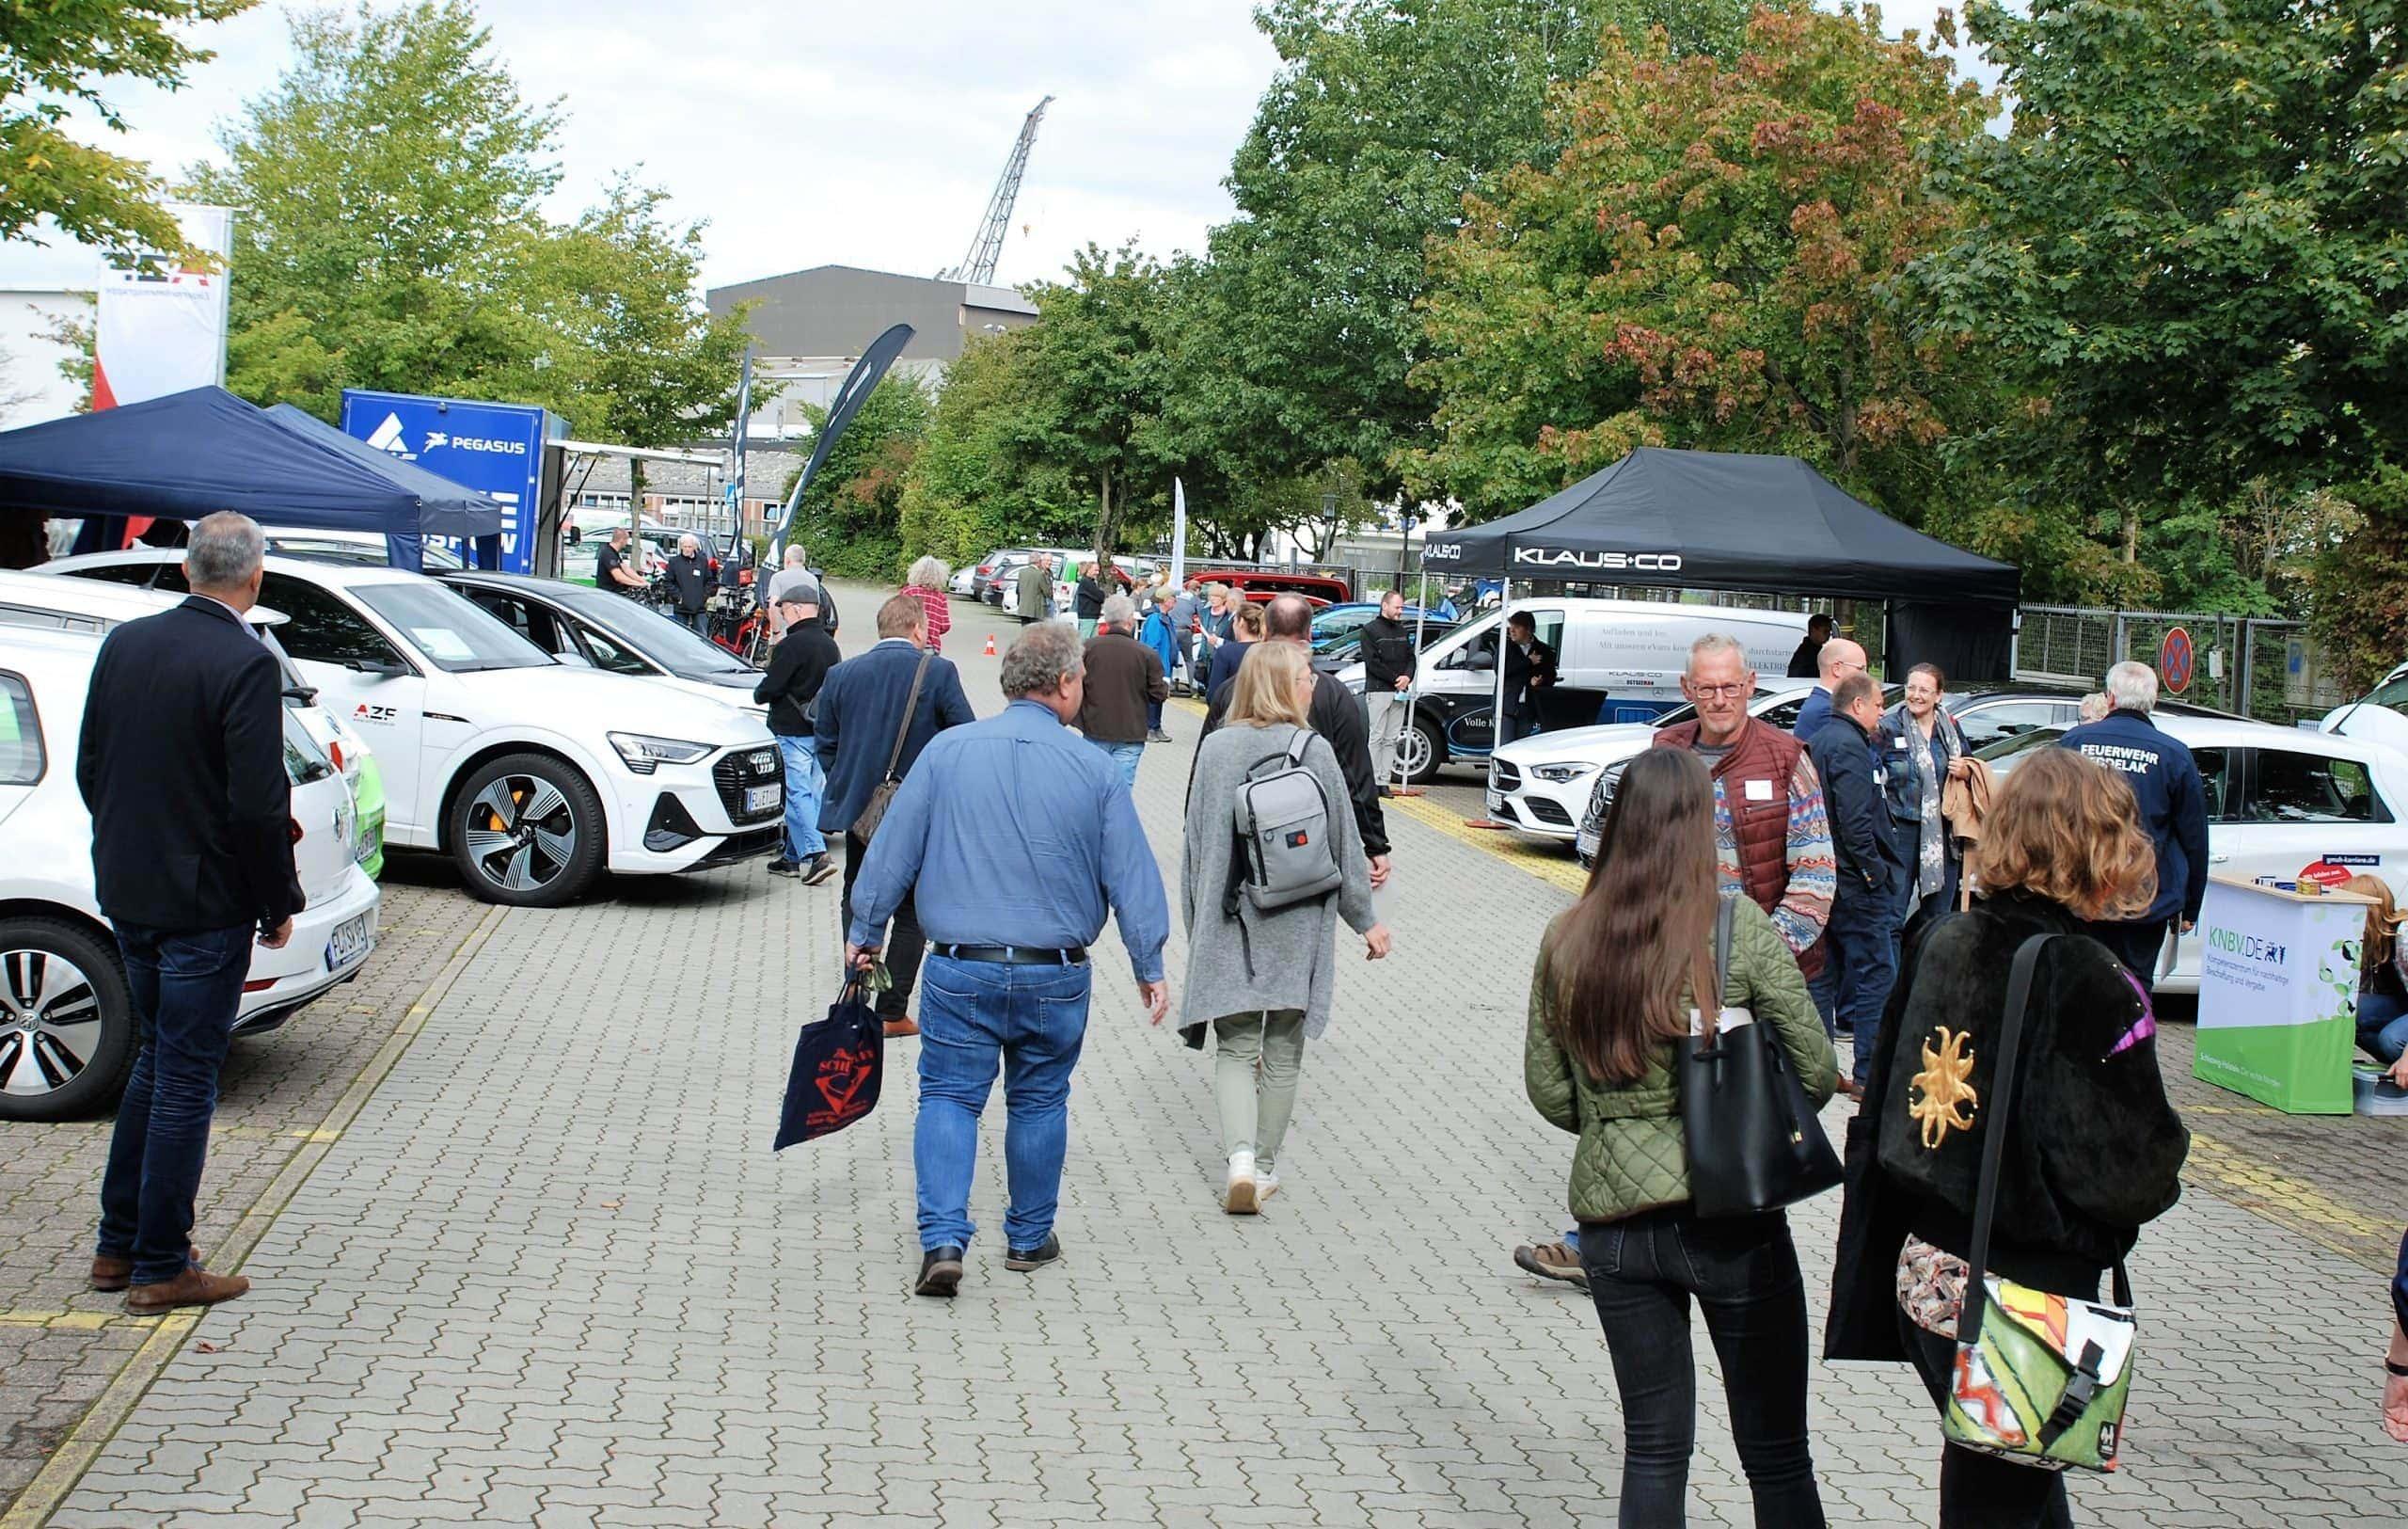 Auf dem E-Mobilitätstag des Klimapaktes konnten unterschiedlichste E-Autos und E-Räder ausprobiert werden